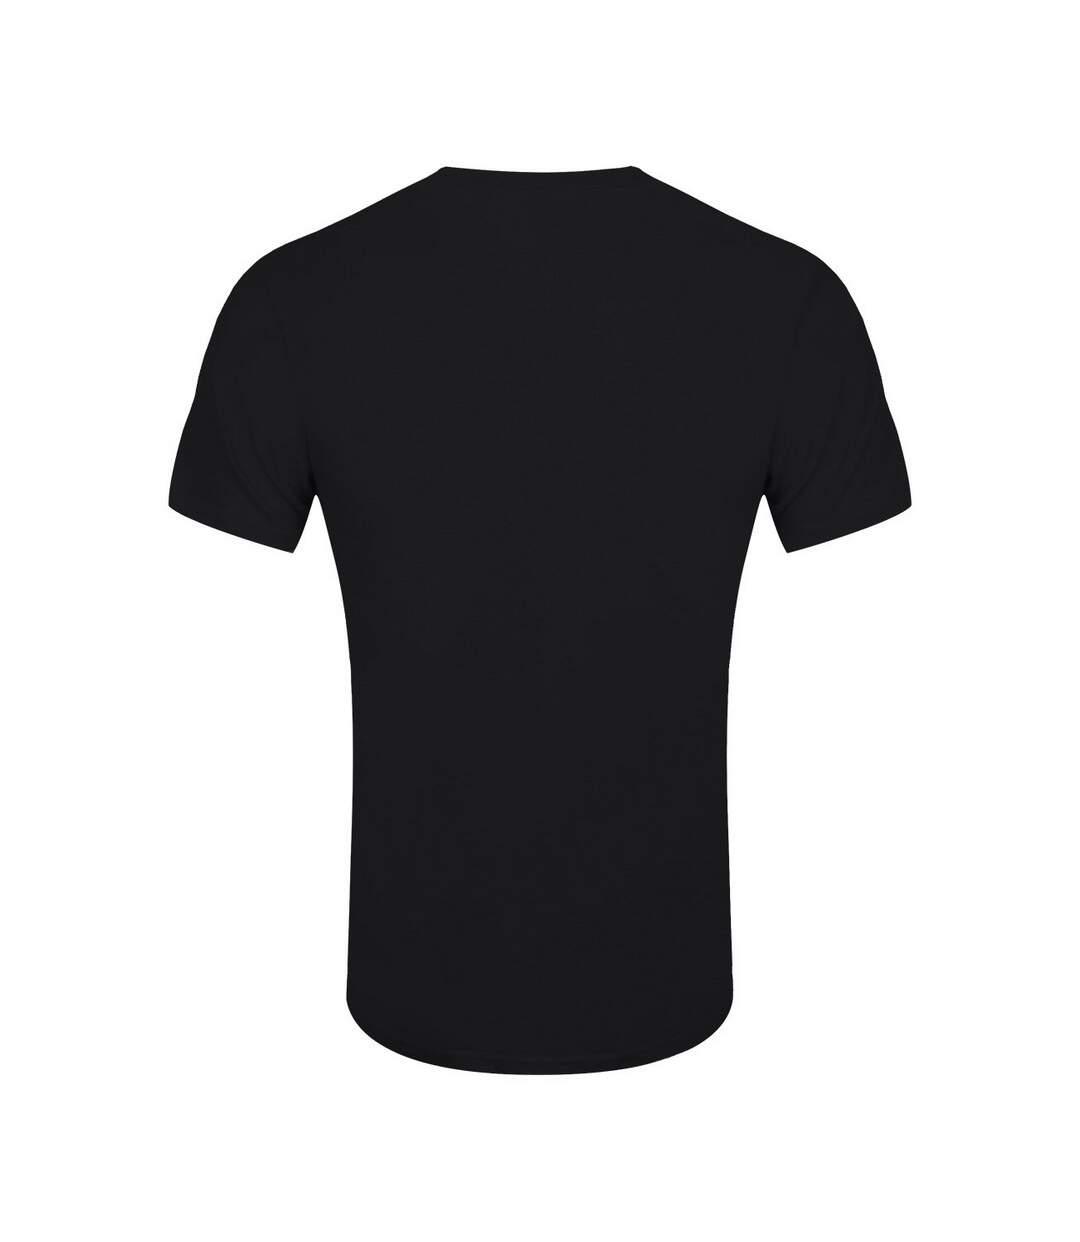 Psycho Penguin T-Shirt Mens I Have Issues (Noir) - UTGR1856